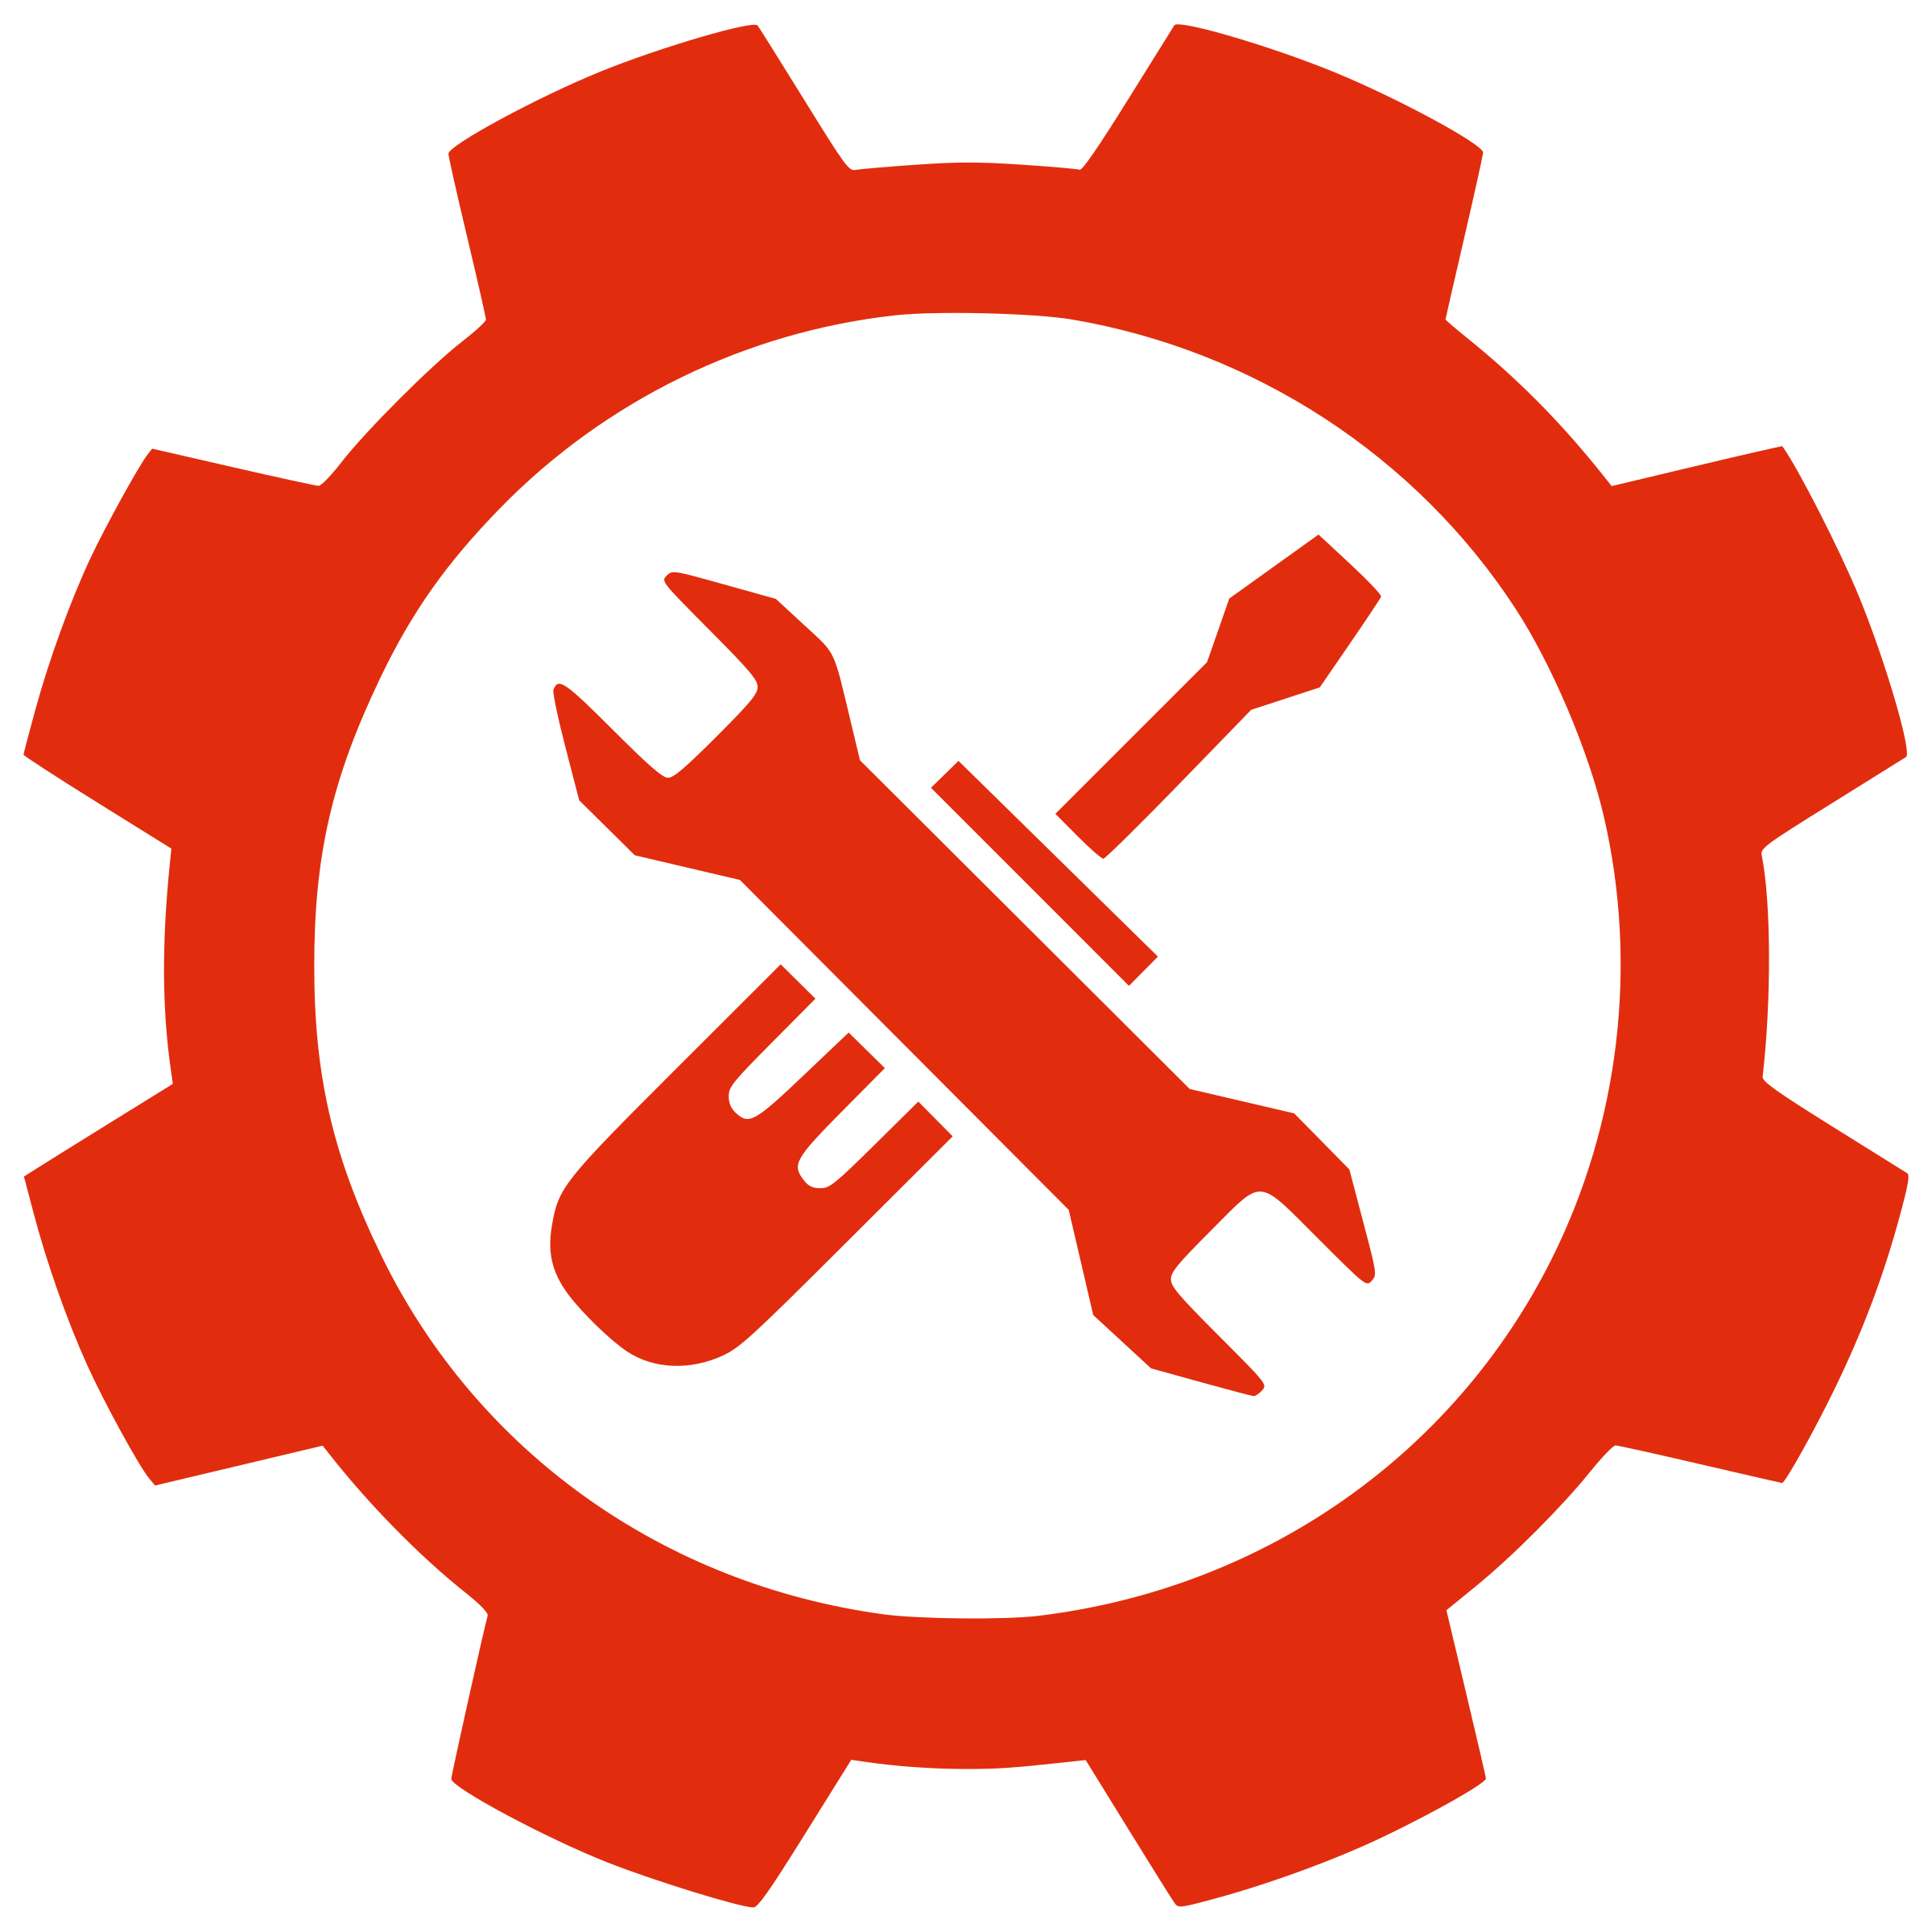 gear-tools